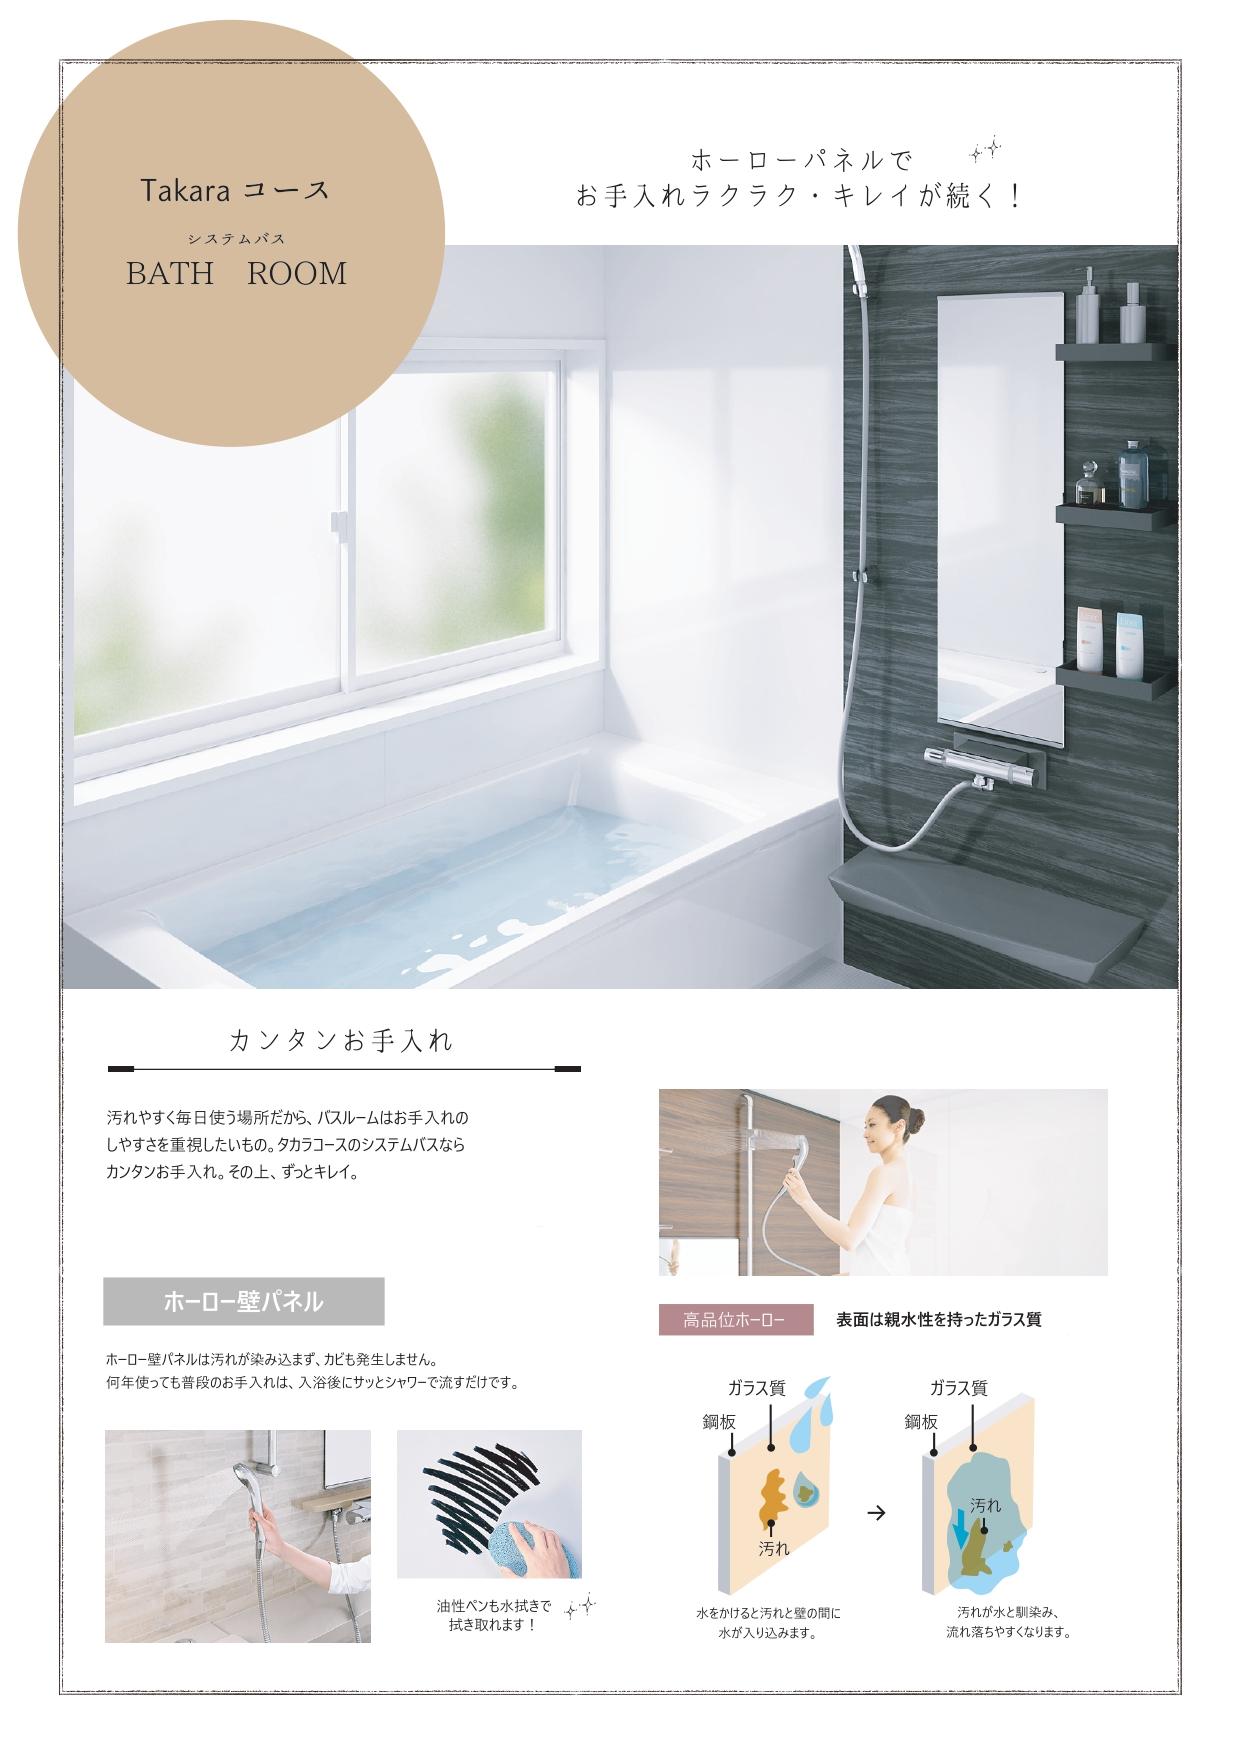 タカラスタンダードコース設備バスルーム